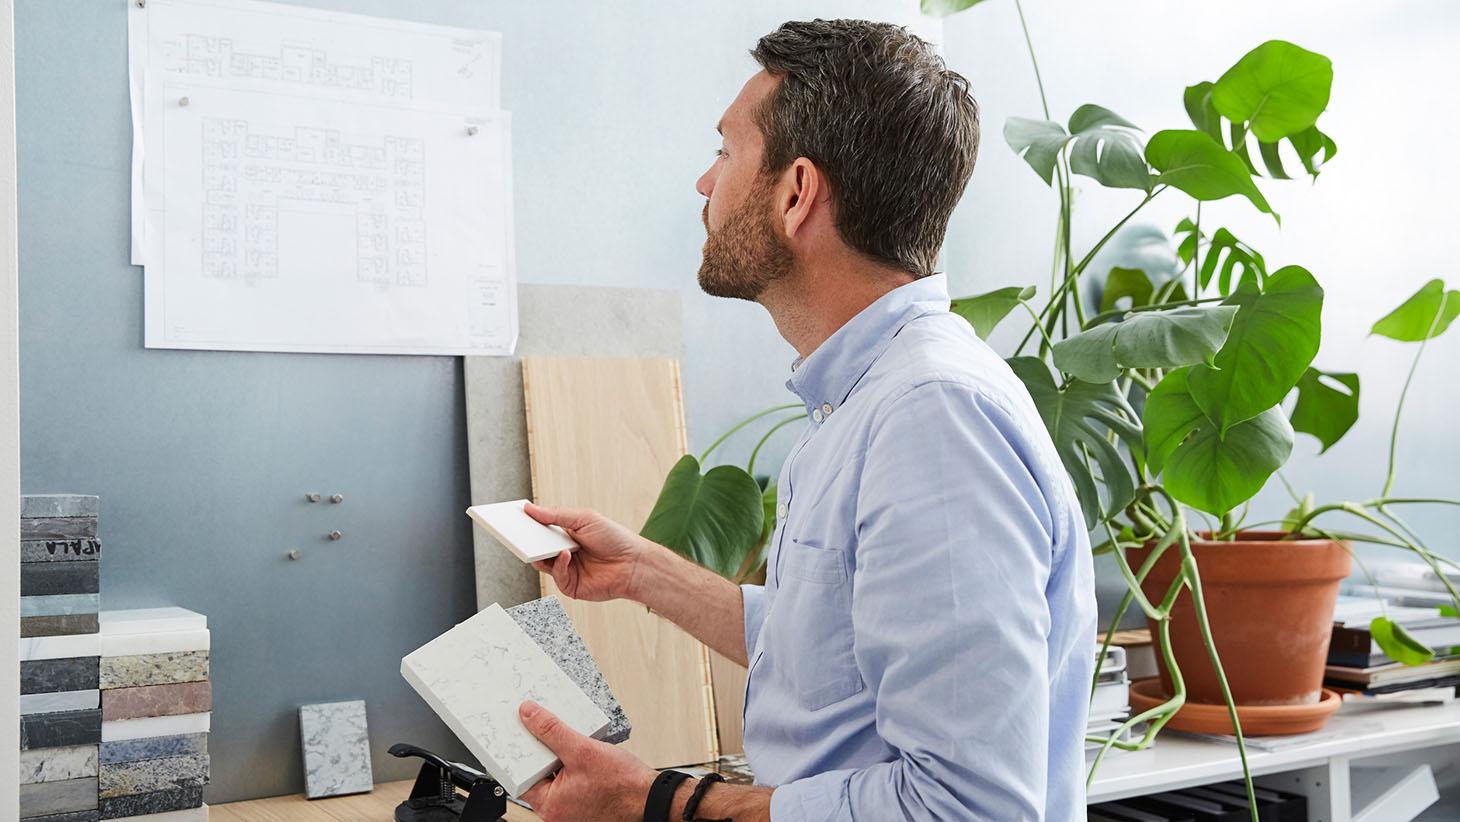 En man tittar på en ritning och väljer klinker